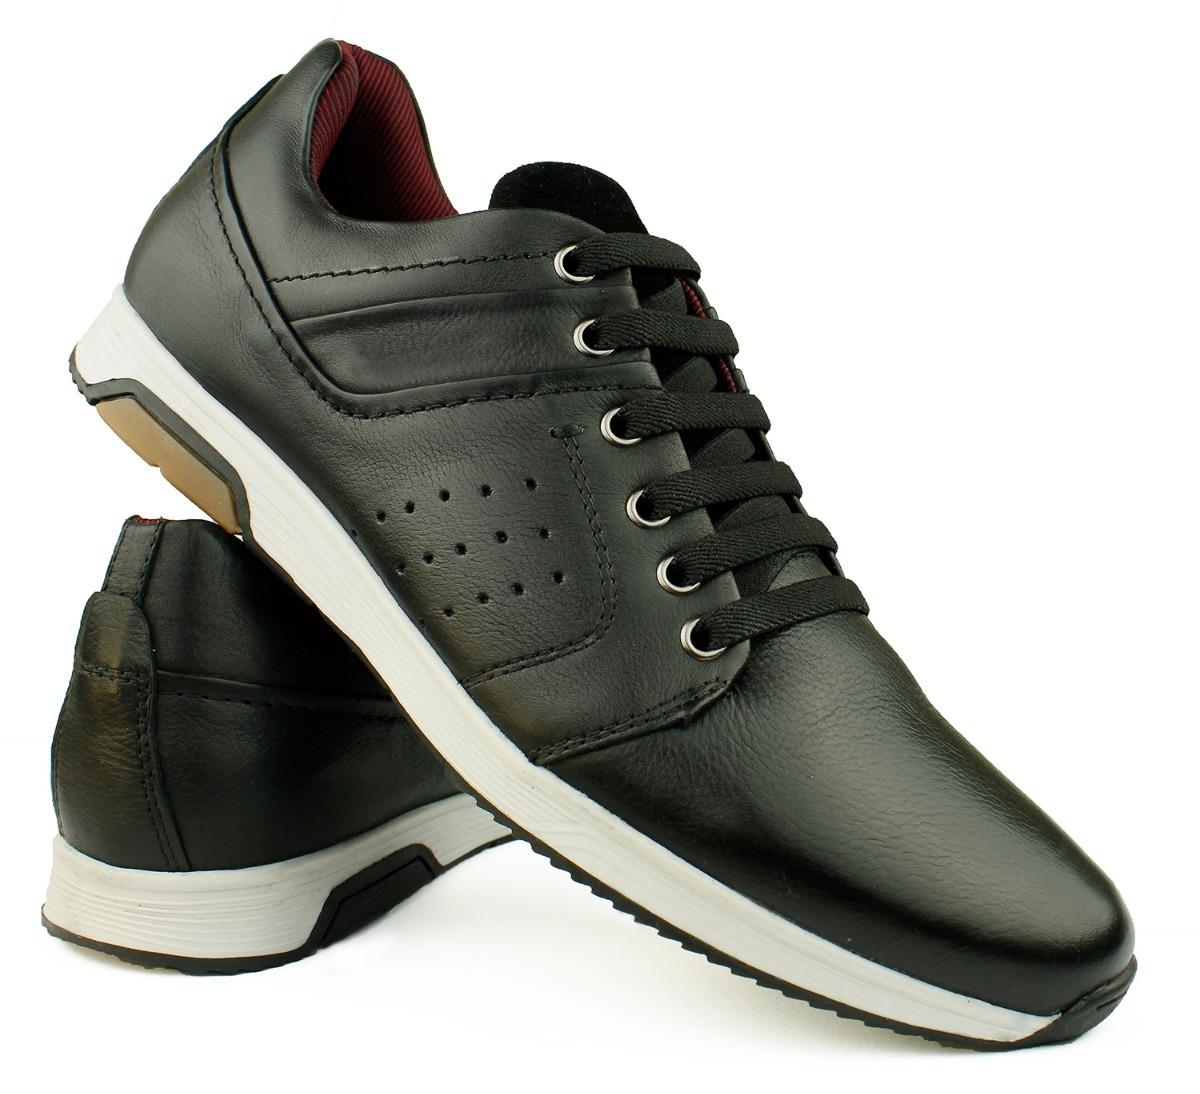 e1f0b4844d sapato tenis casual masculino couro legítimo confortável. Carregando zoom.